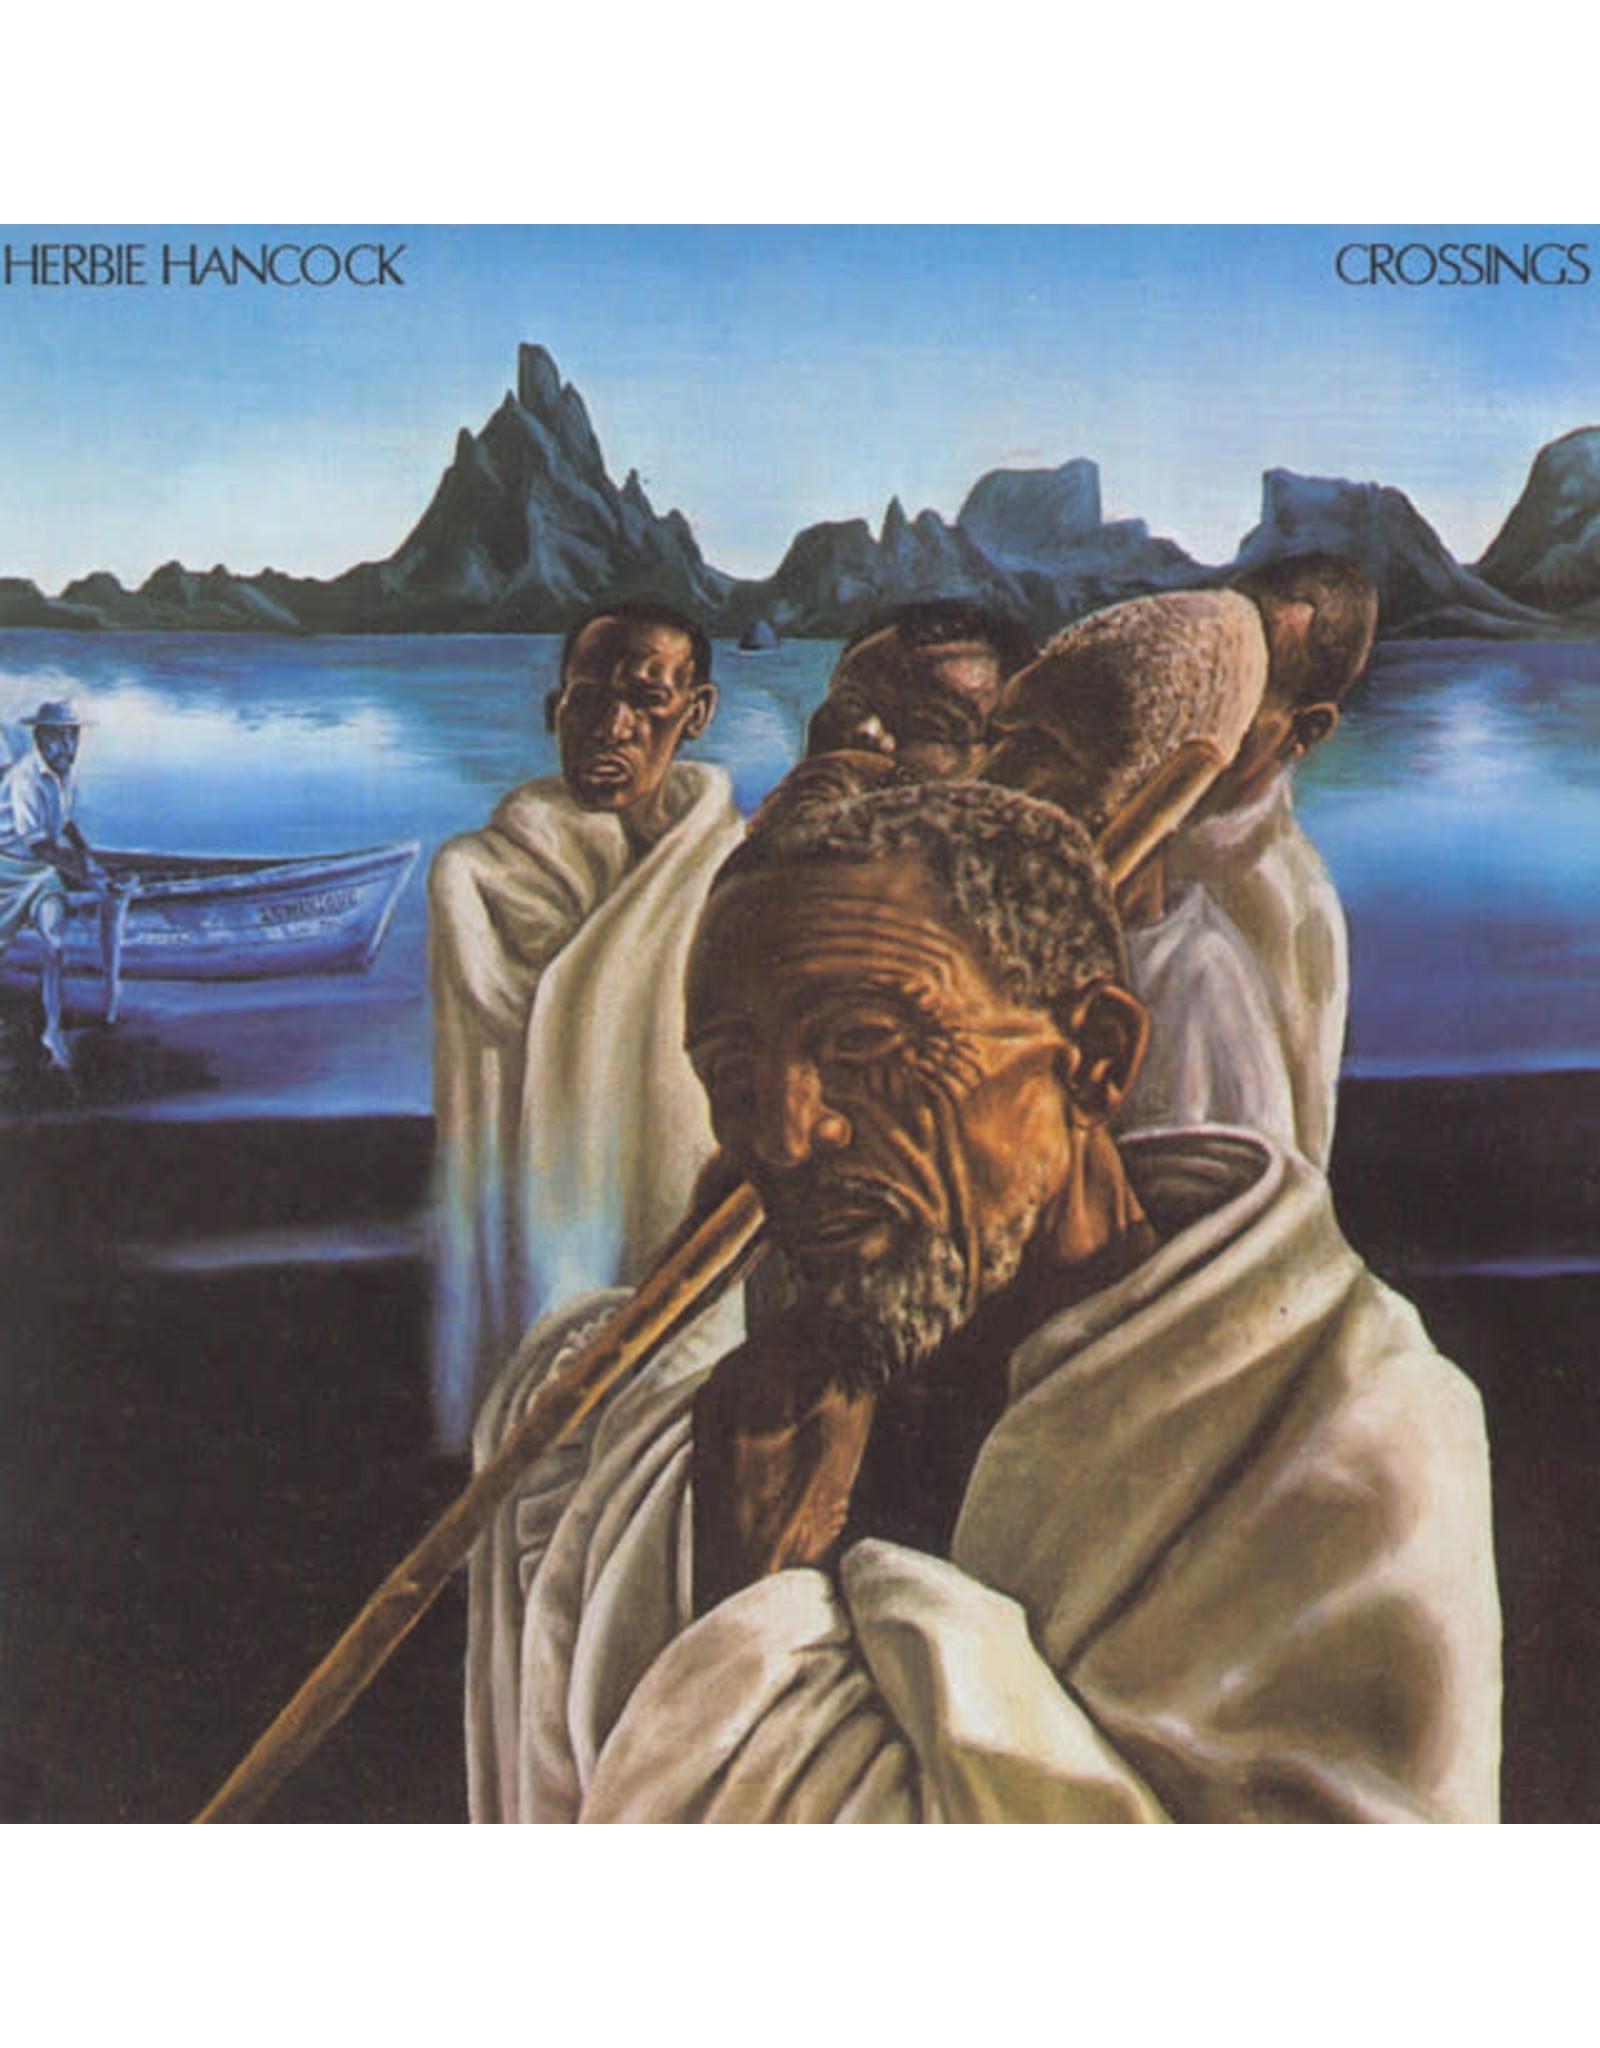 Vinyl Herbie Hancock - Crossings